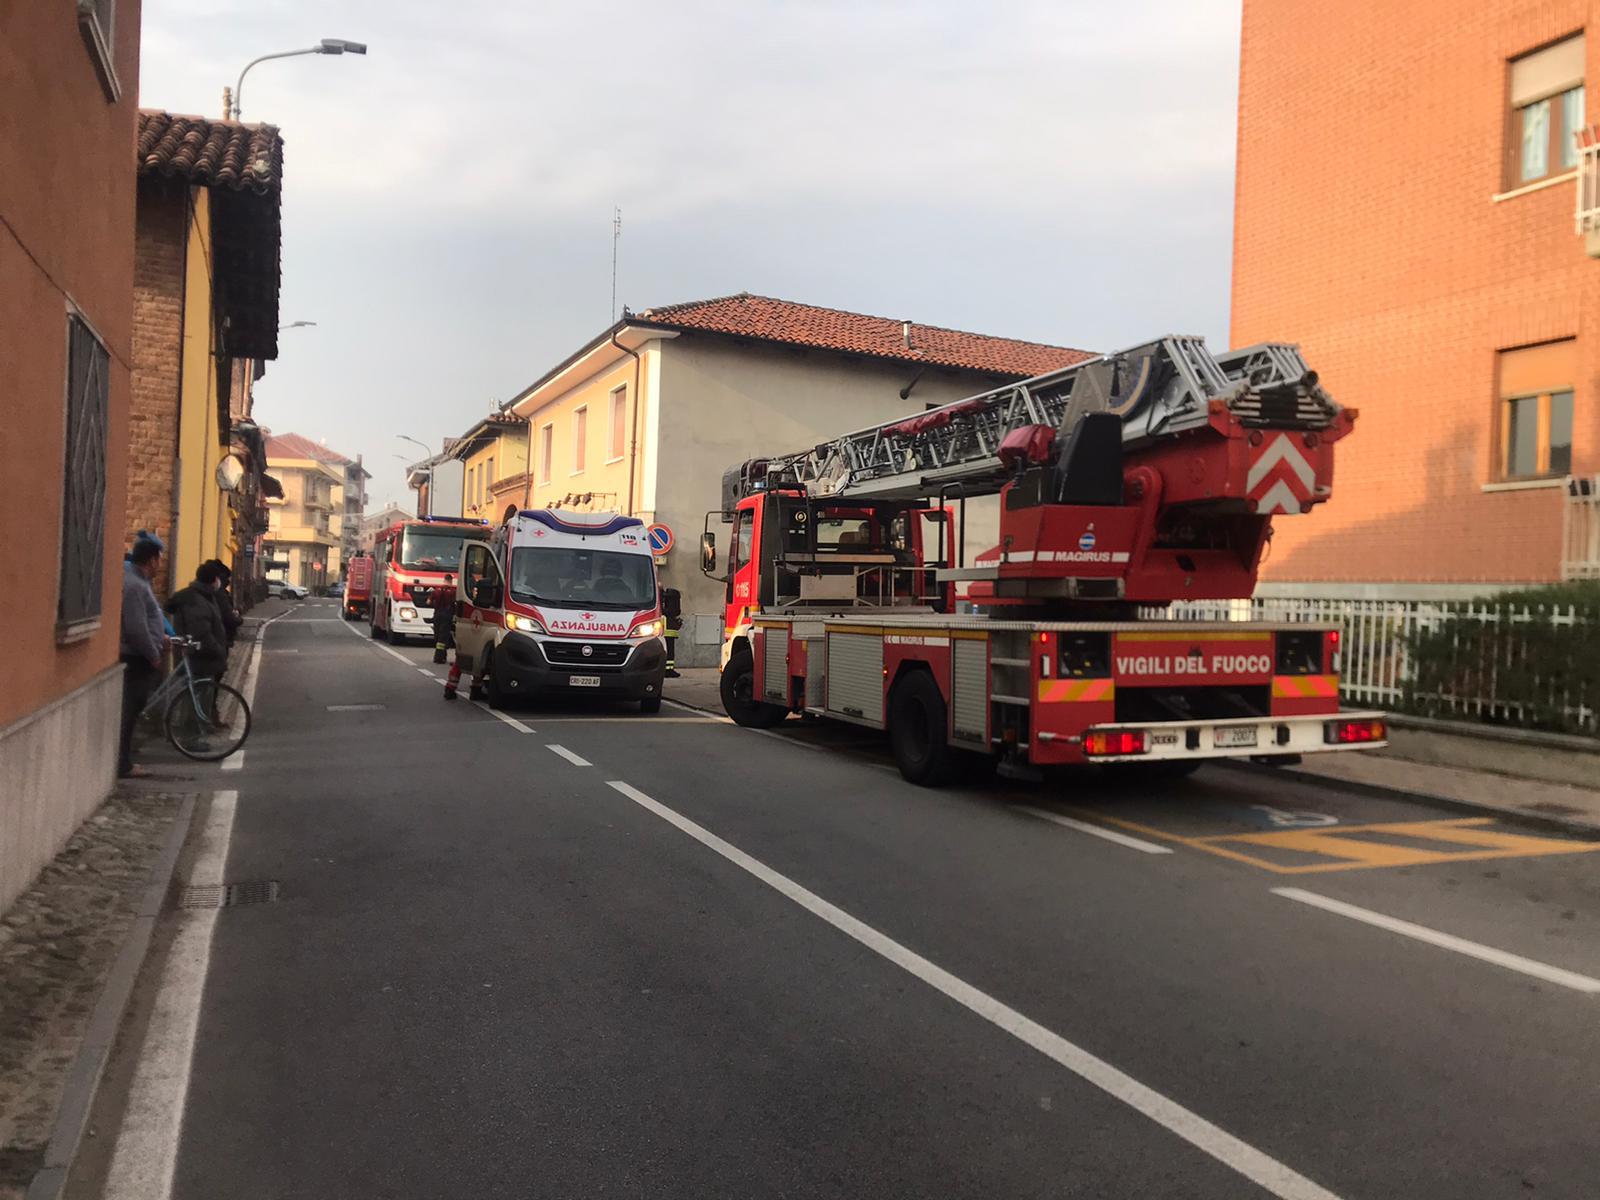 VINOVO – Pensionato intossicato nell'incendio della sua casa